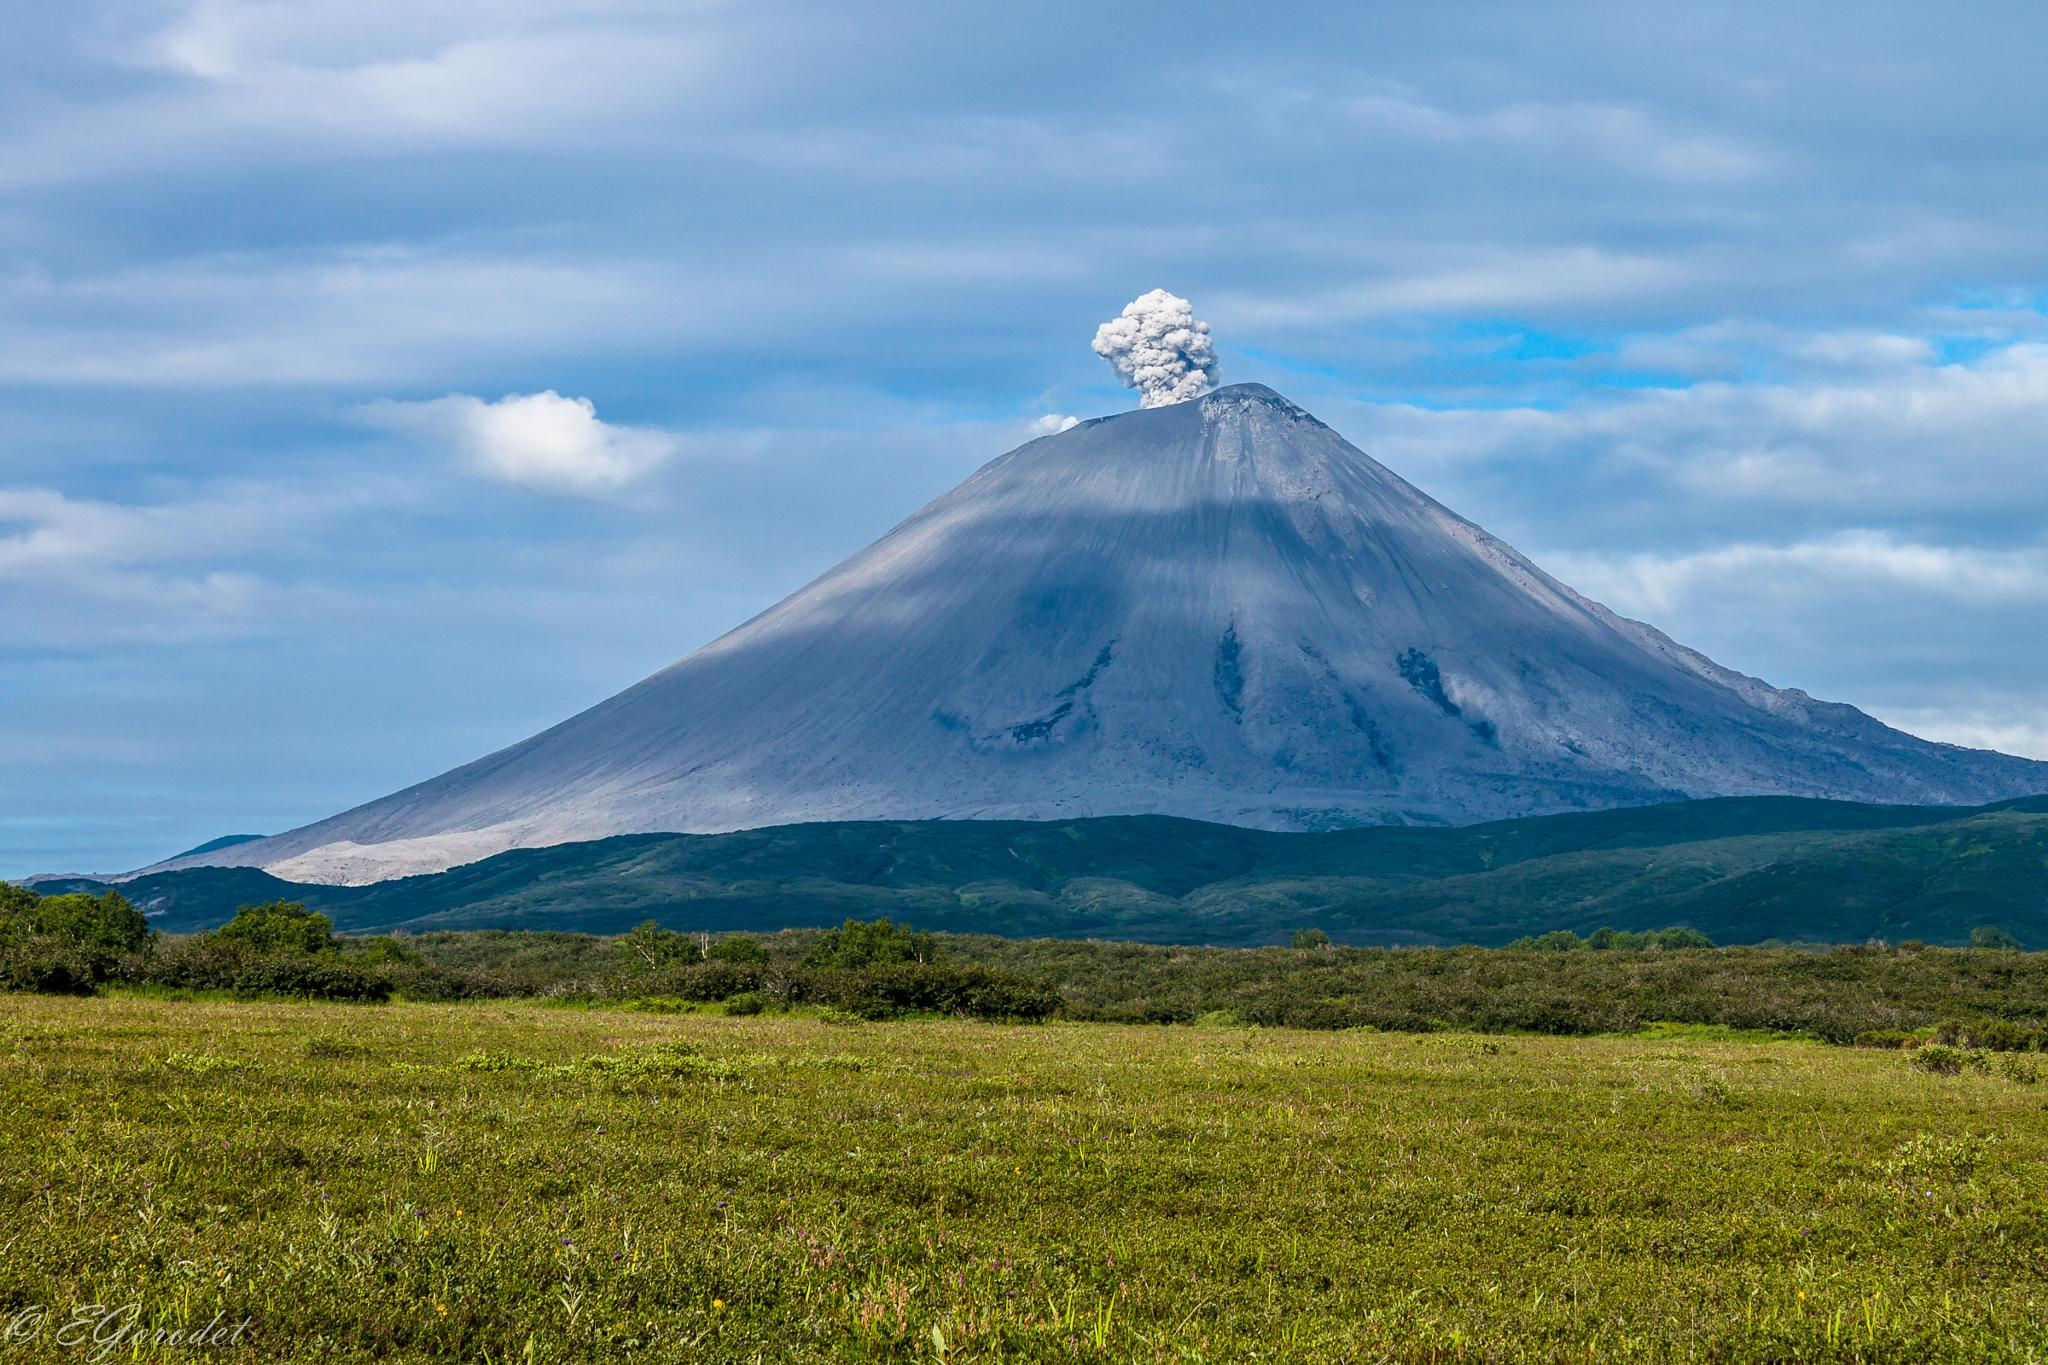 Karimskiy volcano eruption by Evgeny Gorodetsky